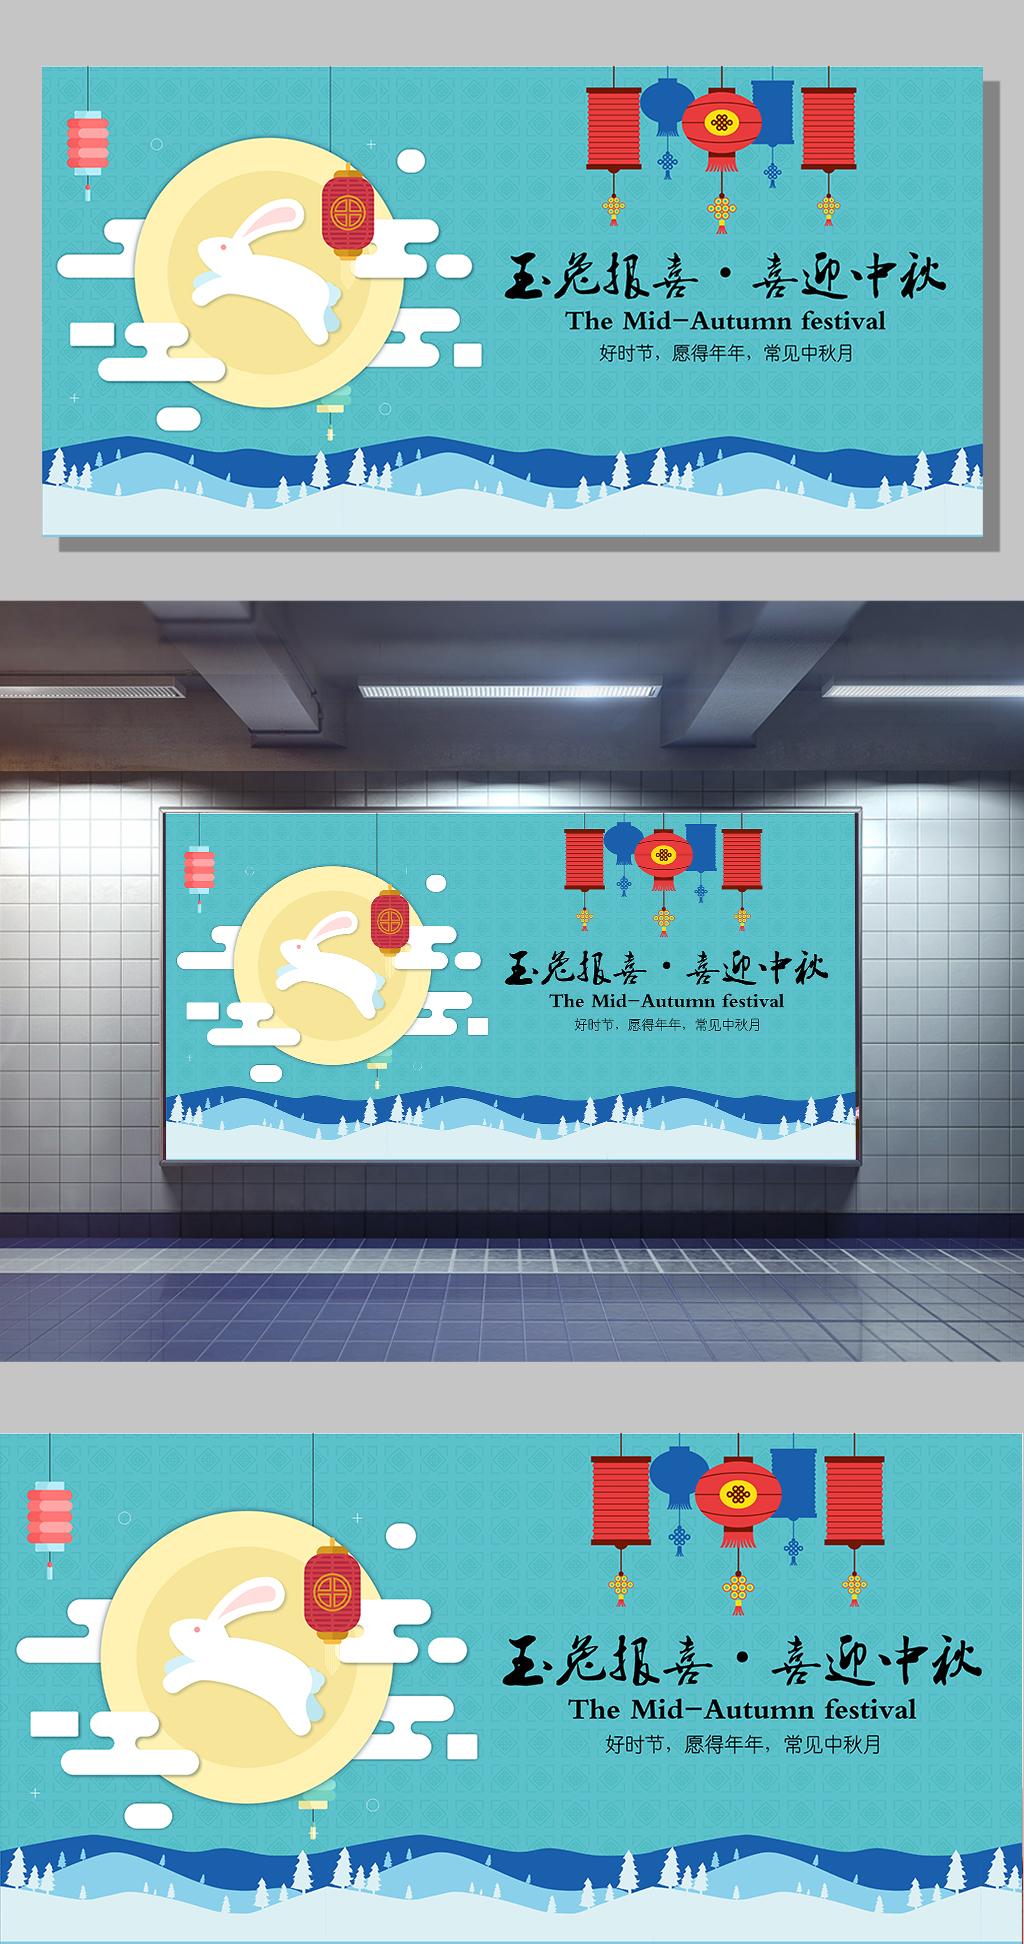 创意手绘中秋节玉兔报喜中秋节展板